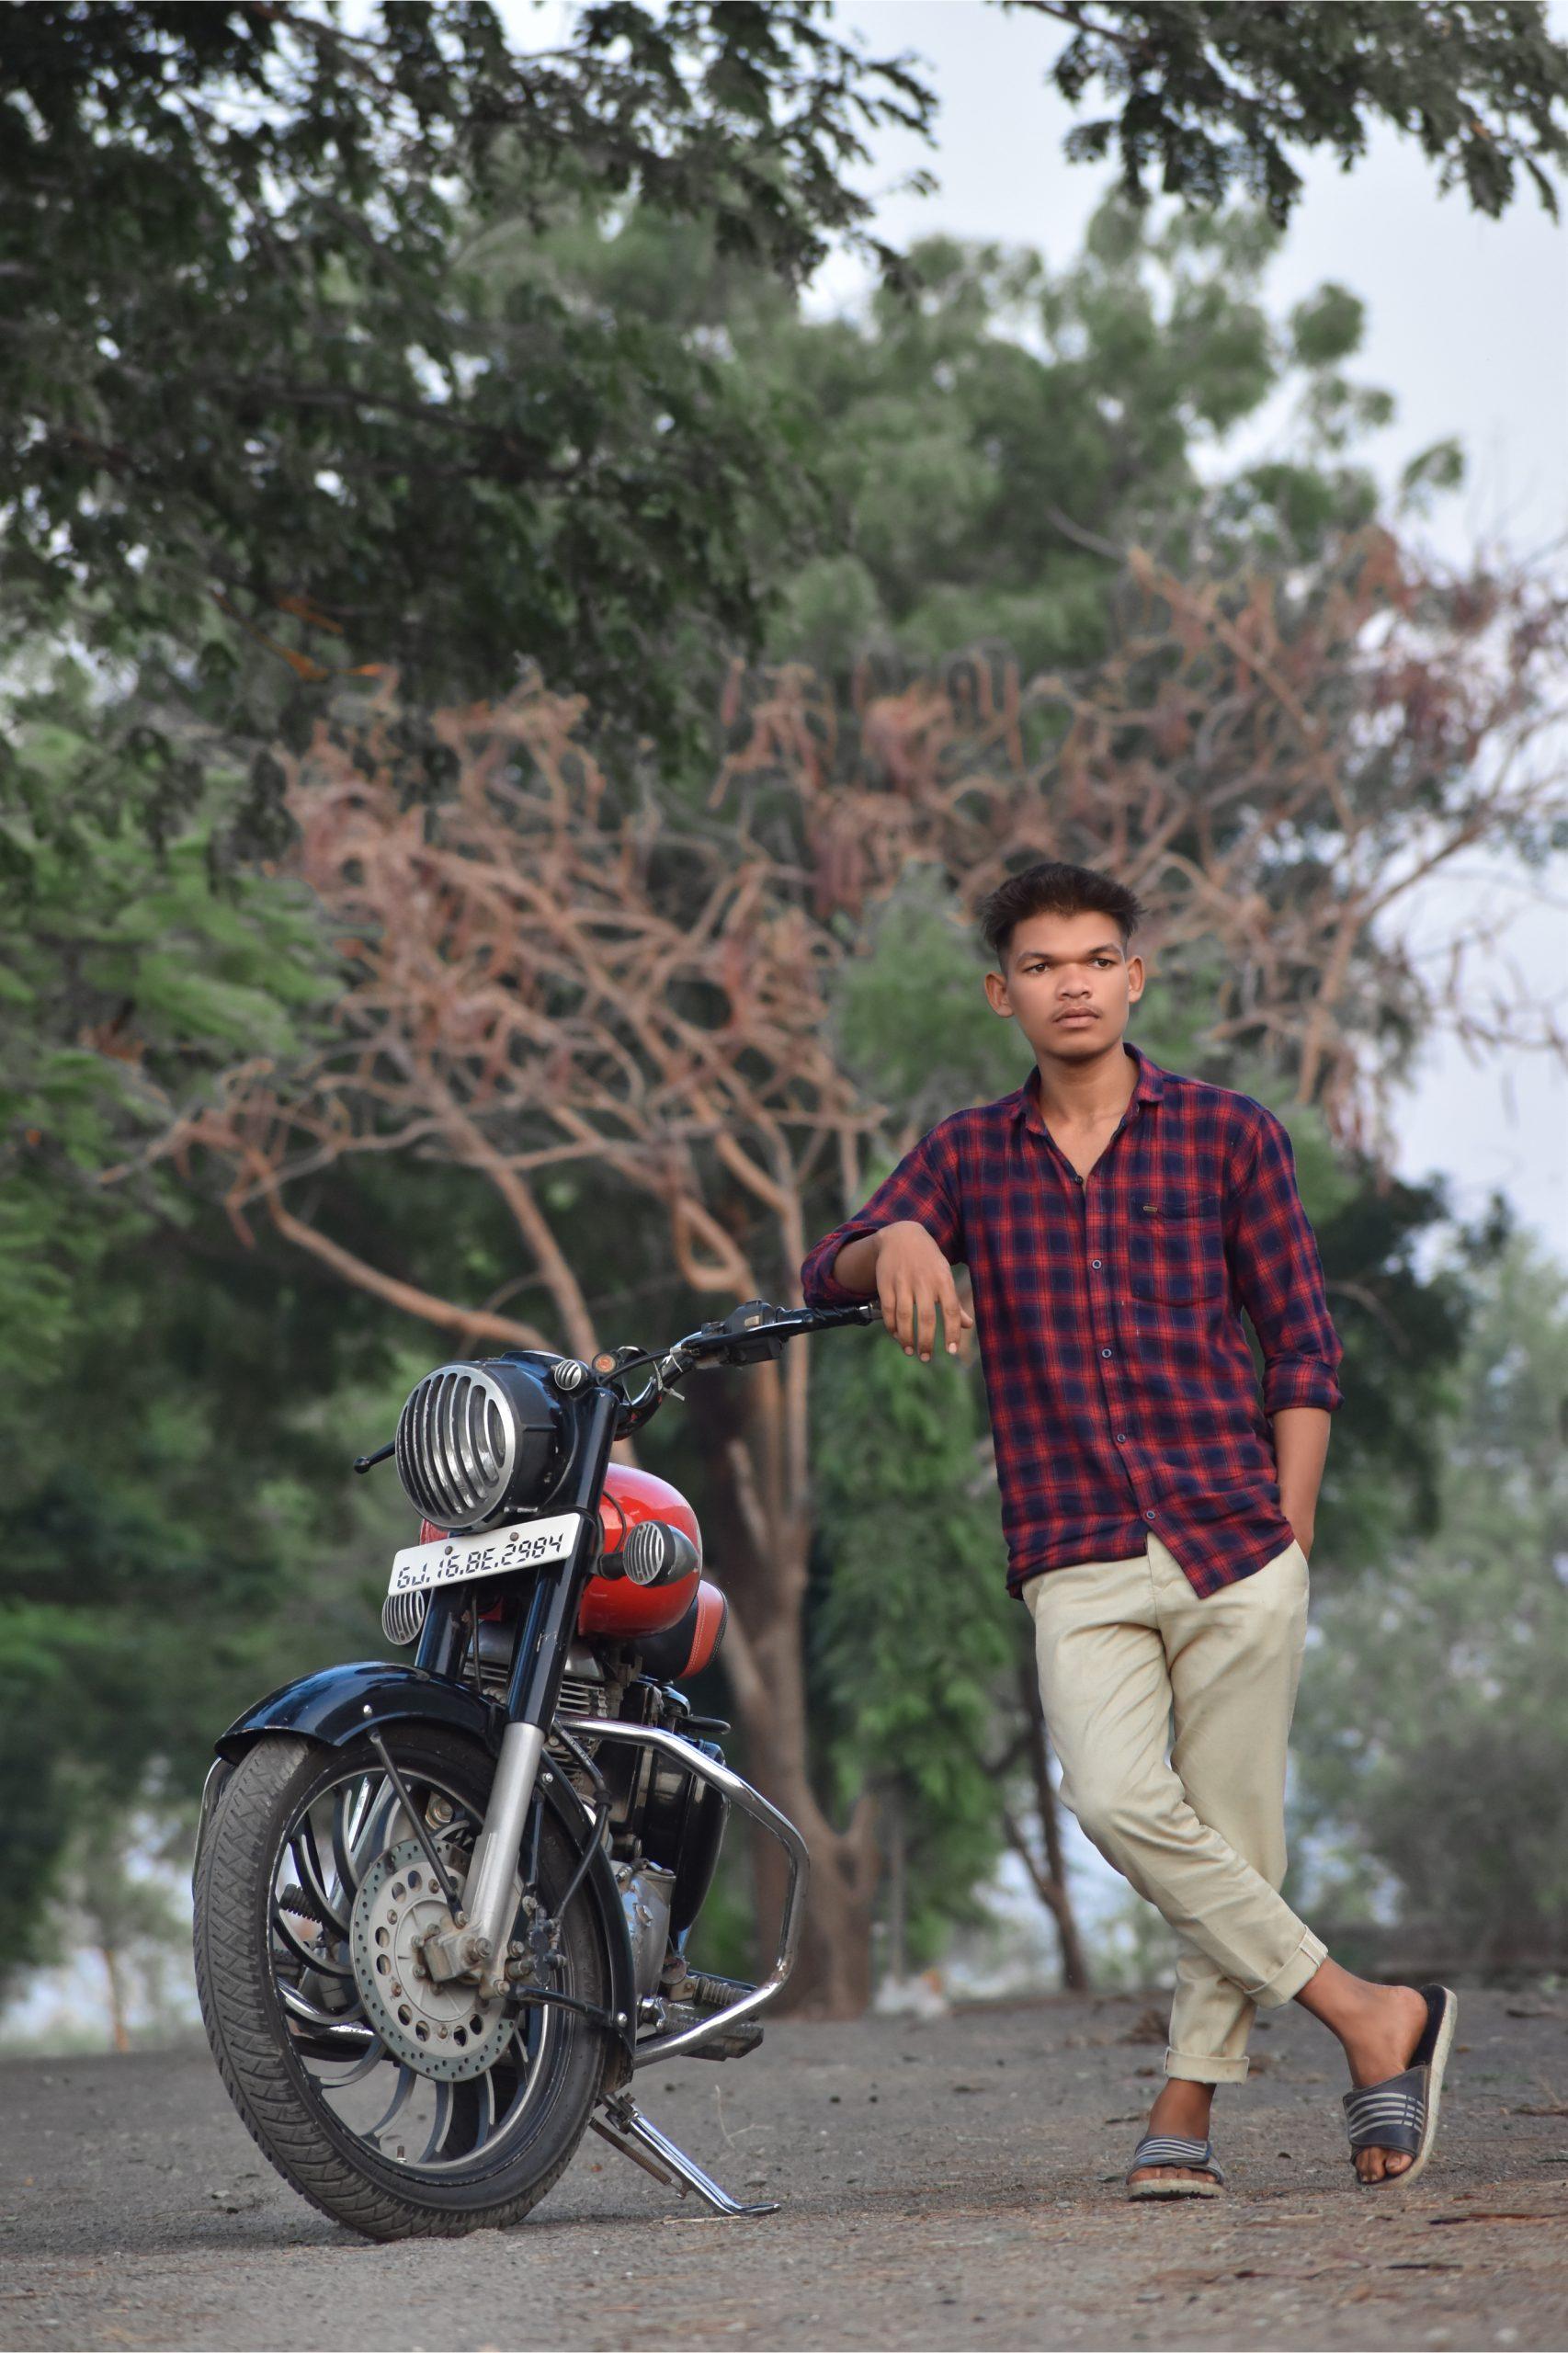 A boy with a bike